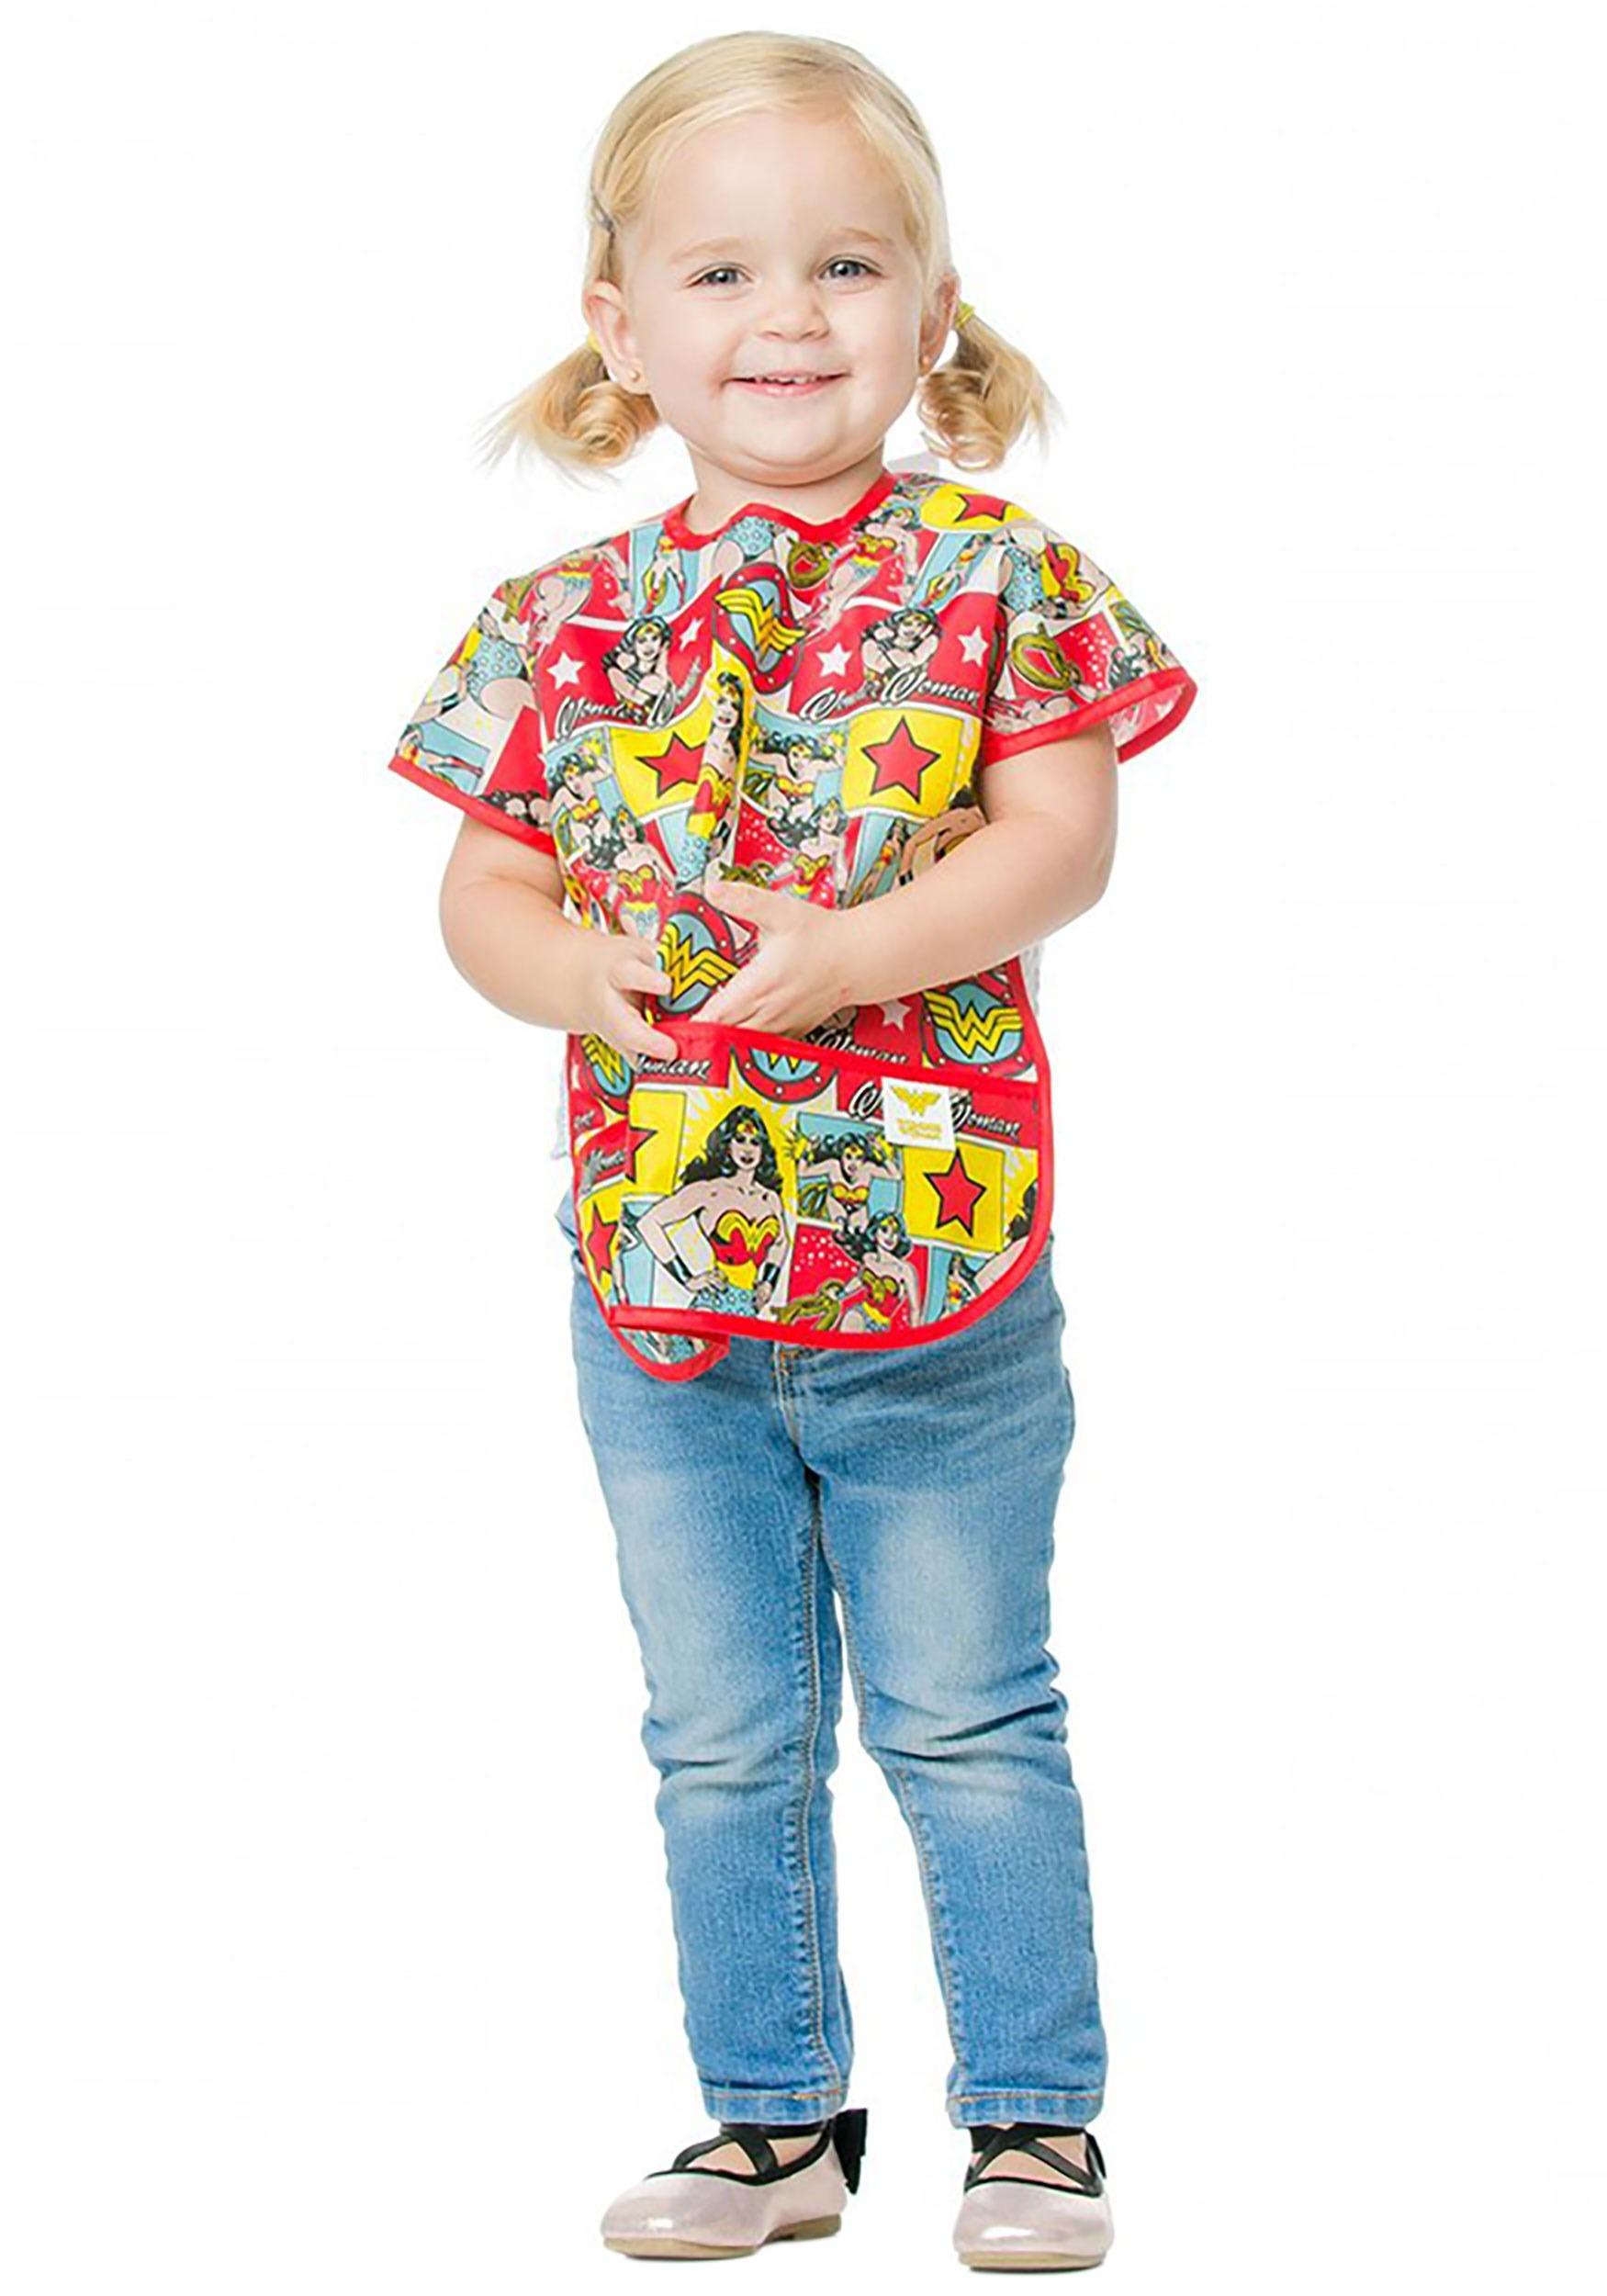 Wonder Woman Juniors Shirt Bib (1-3 years)